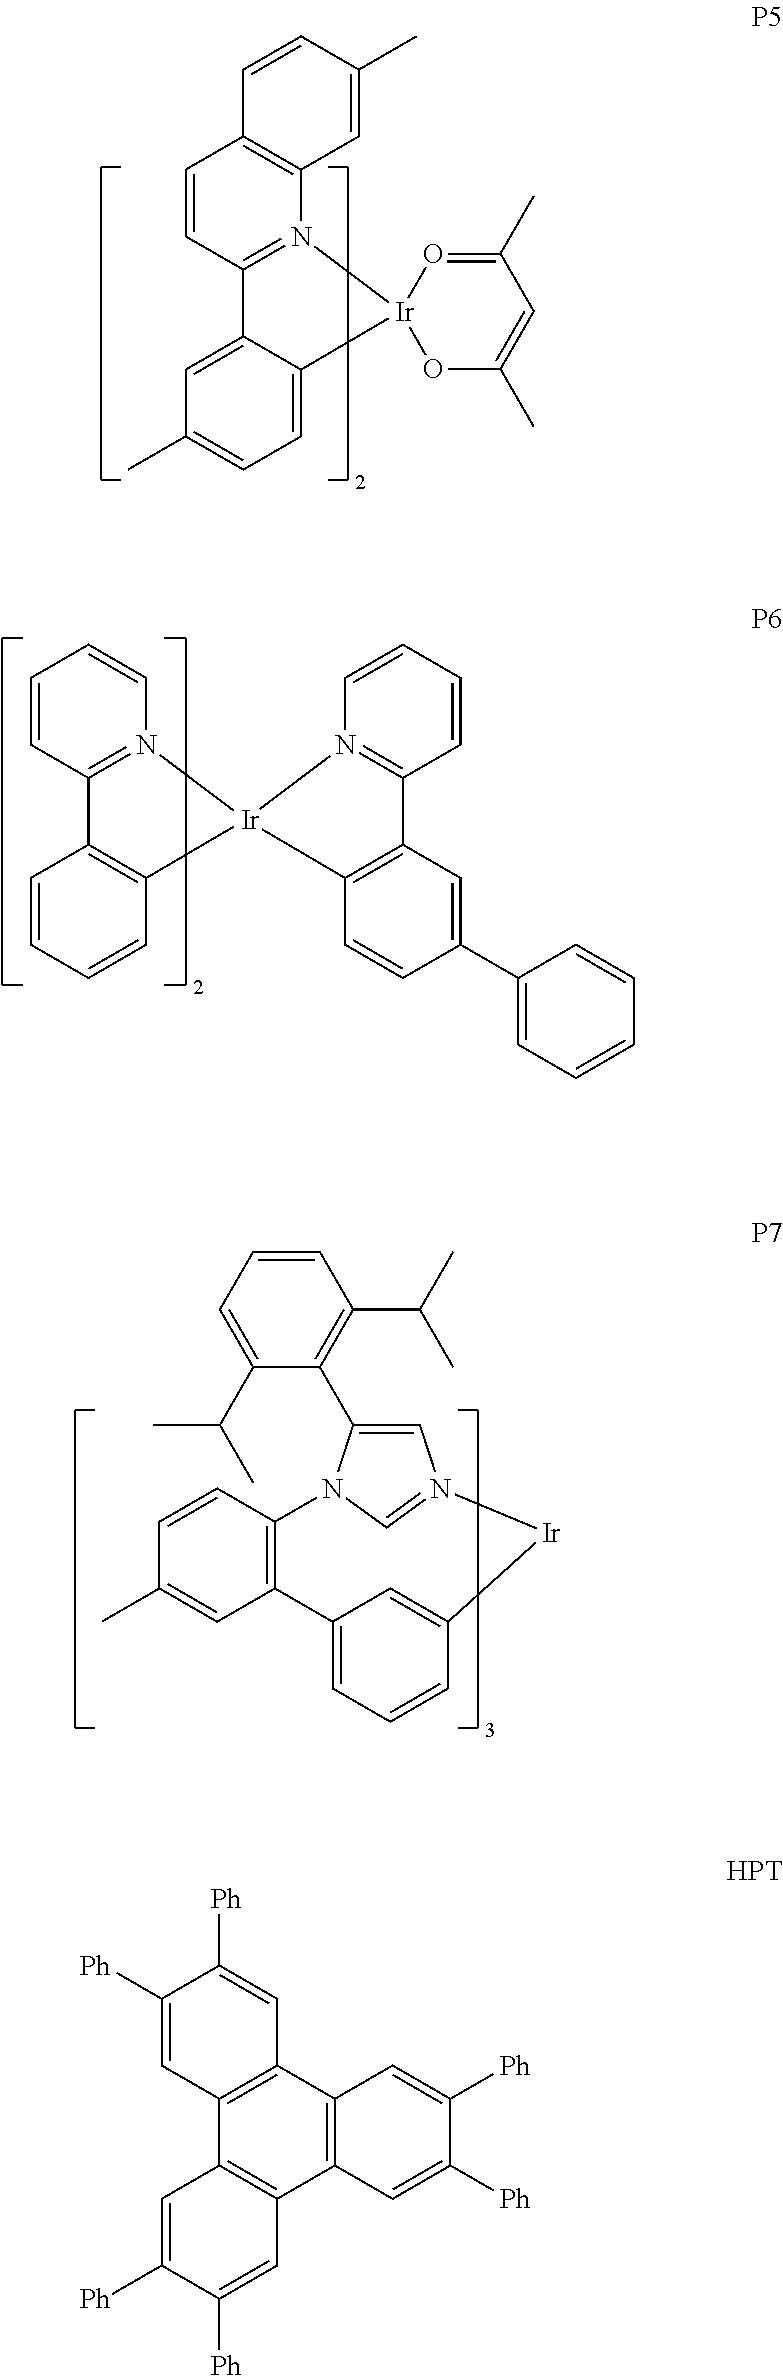 Figure US08580402-20131112-C00038